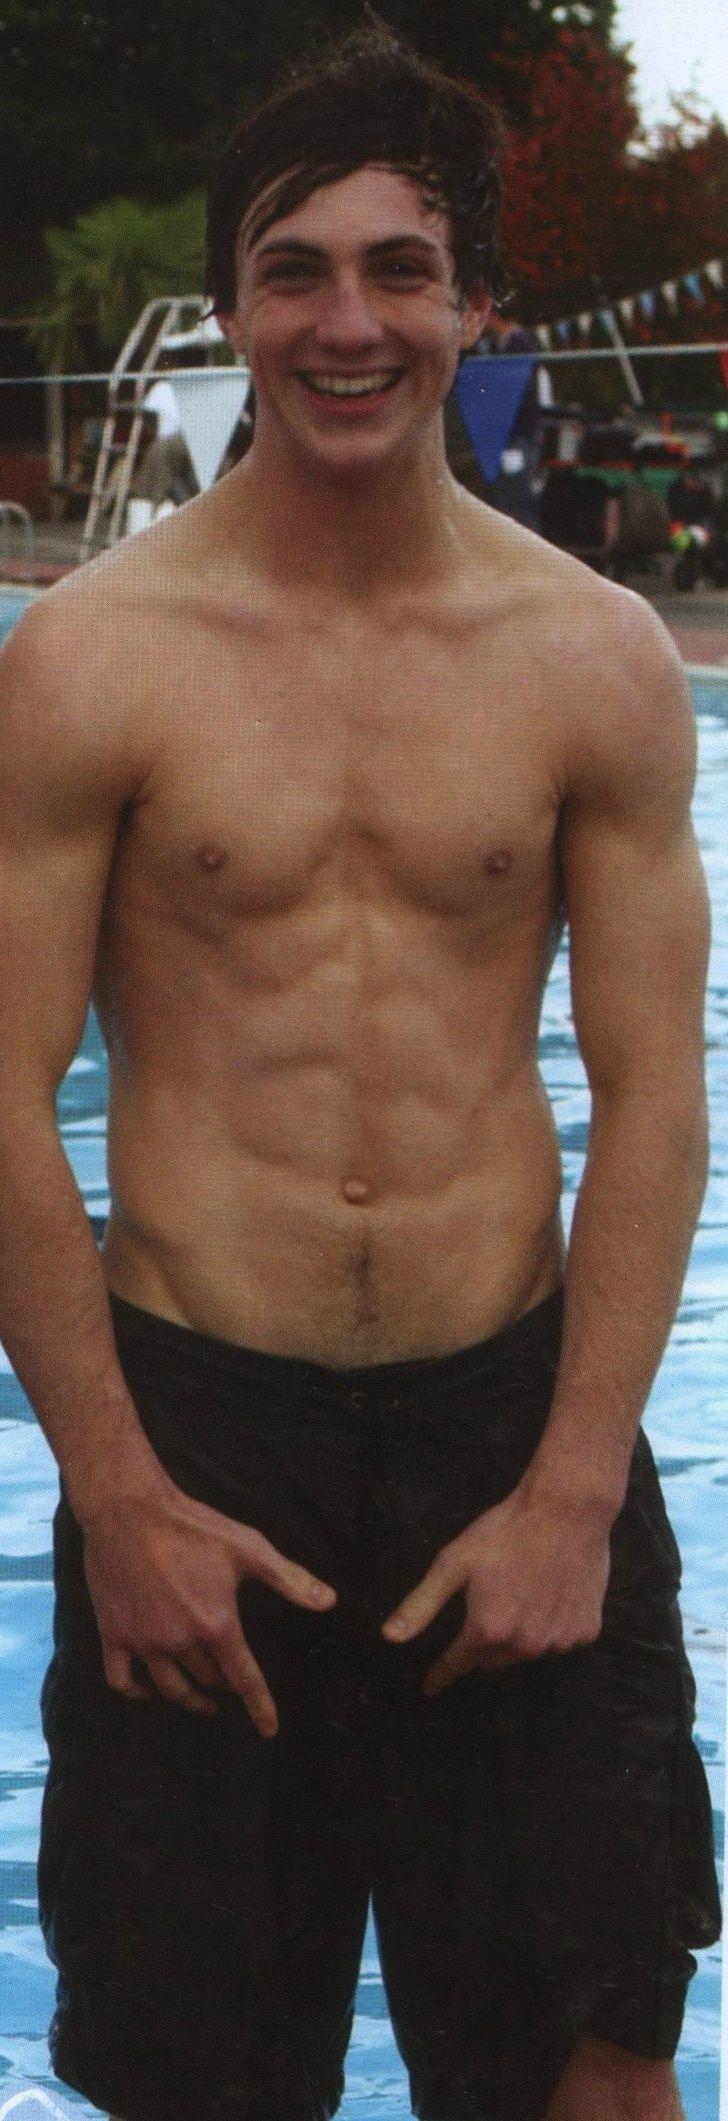 best of Nude Aaron johnson shirtless